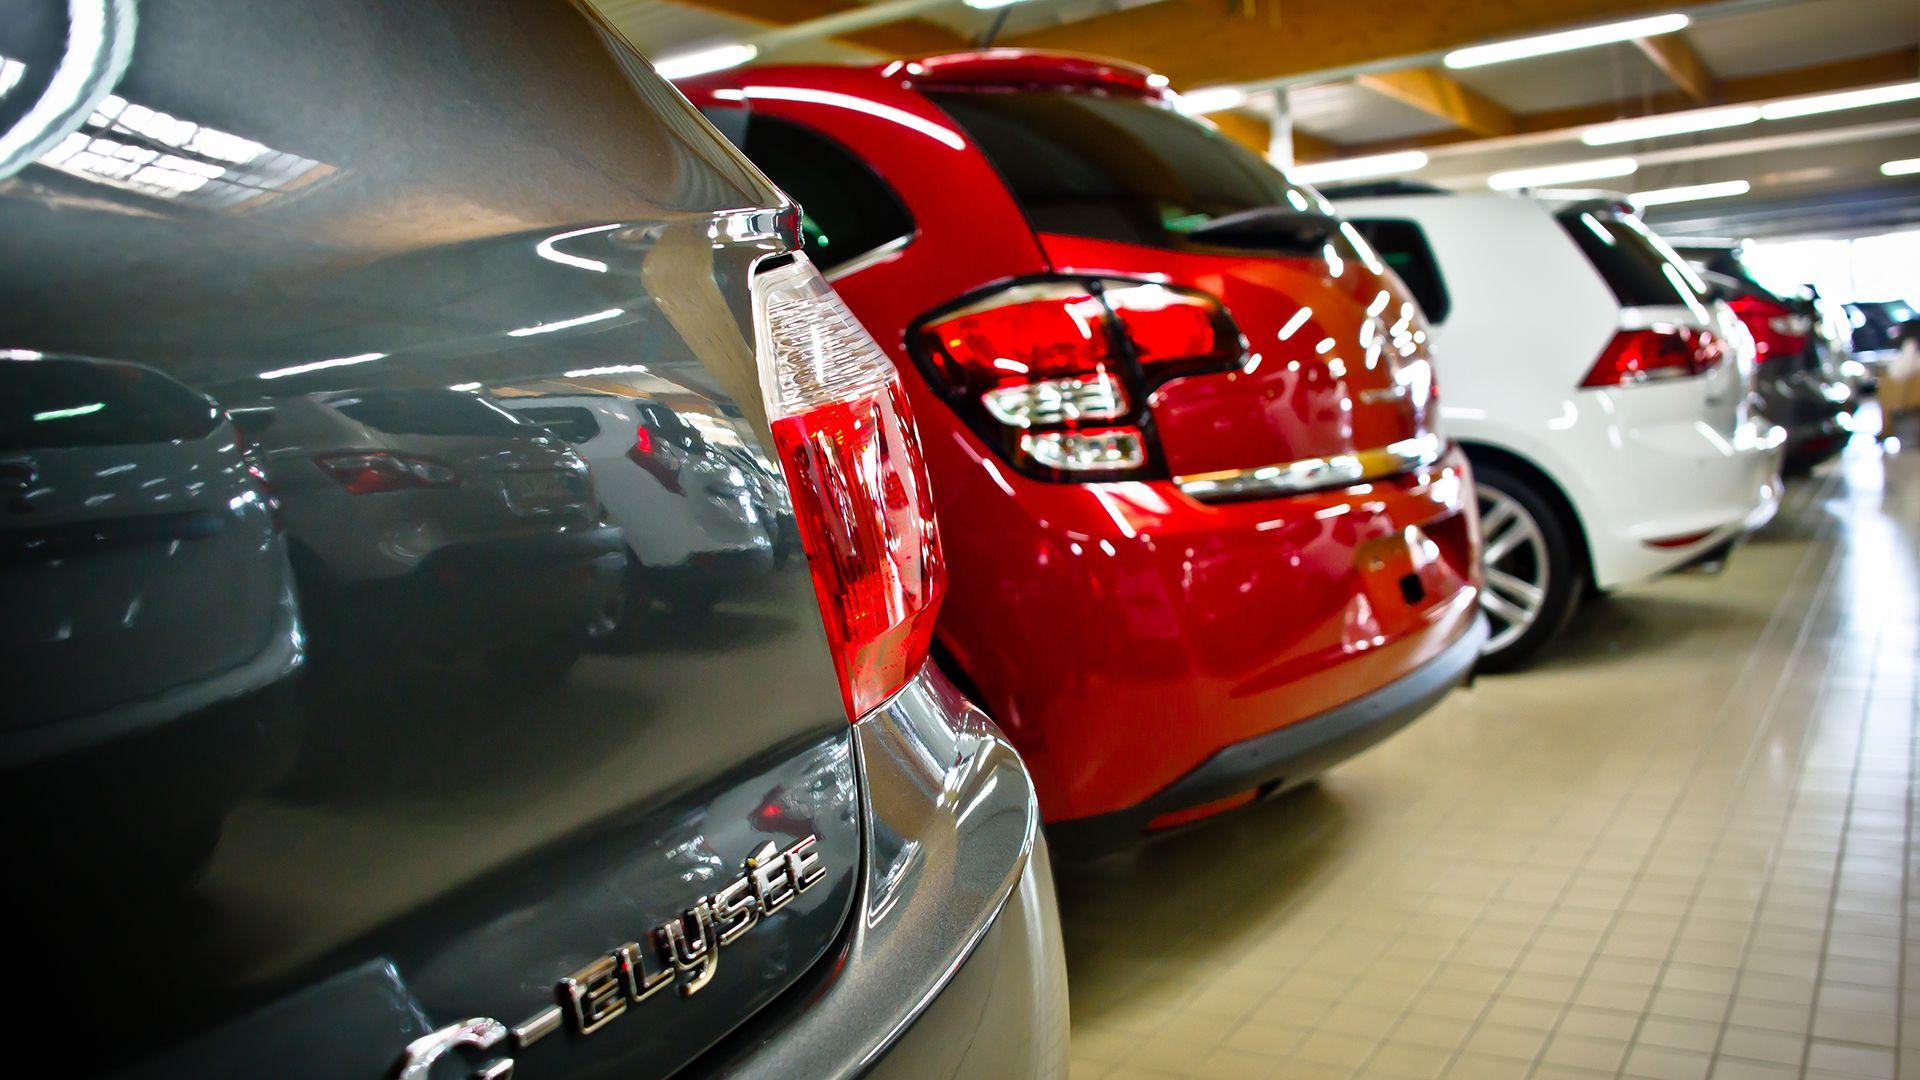 Les voitures exposées au showroom Qarson Showroom